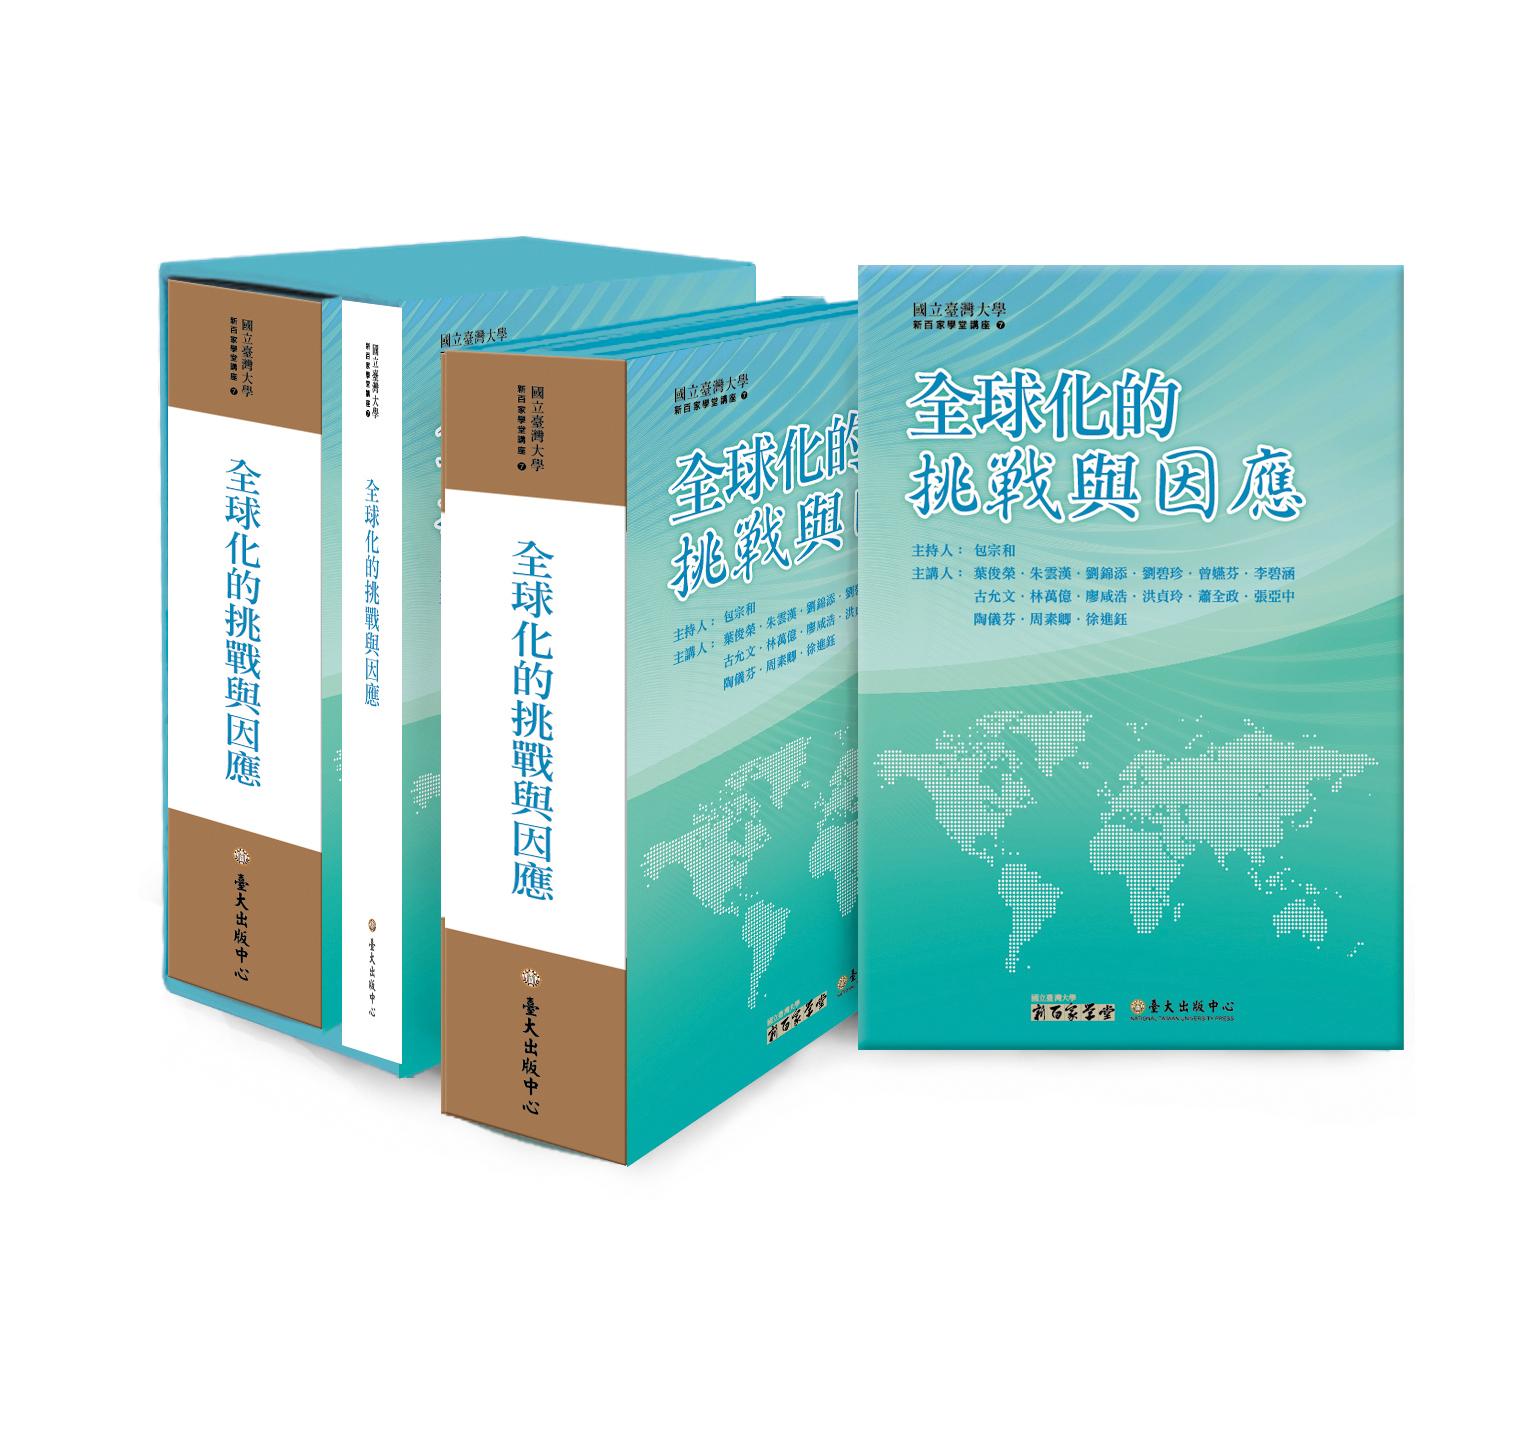 全球化的挑戰與因應(16DVD+1手冊)